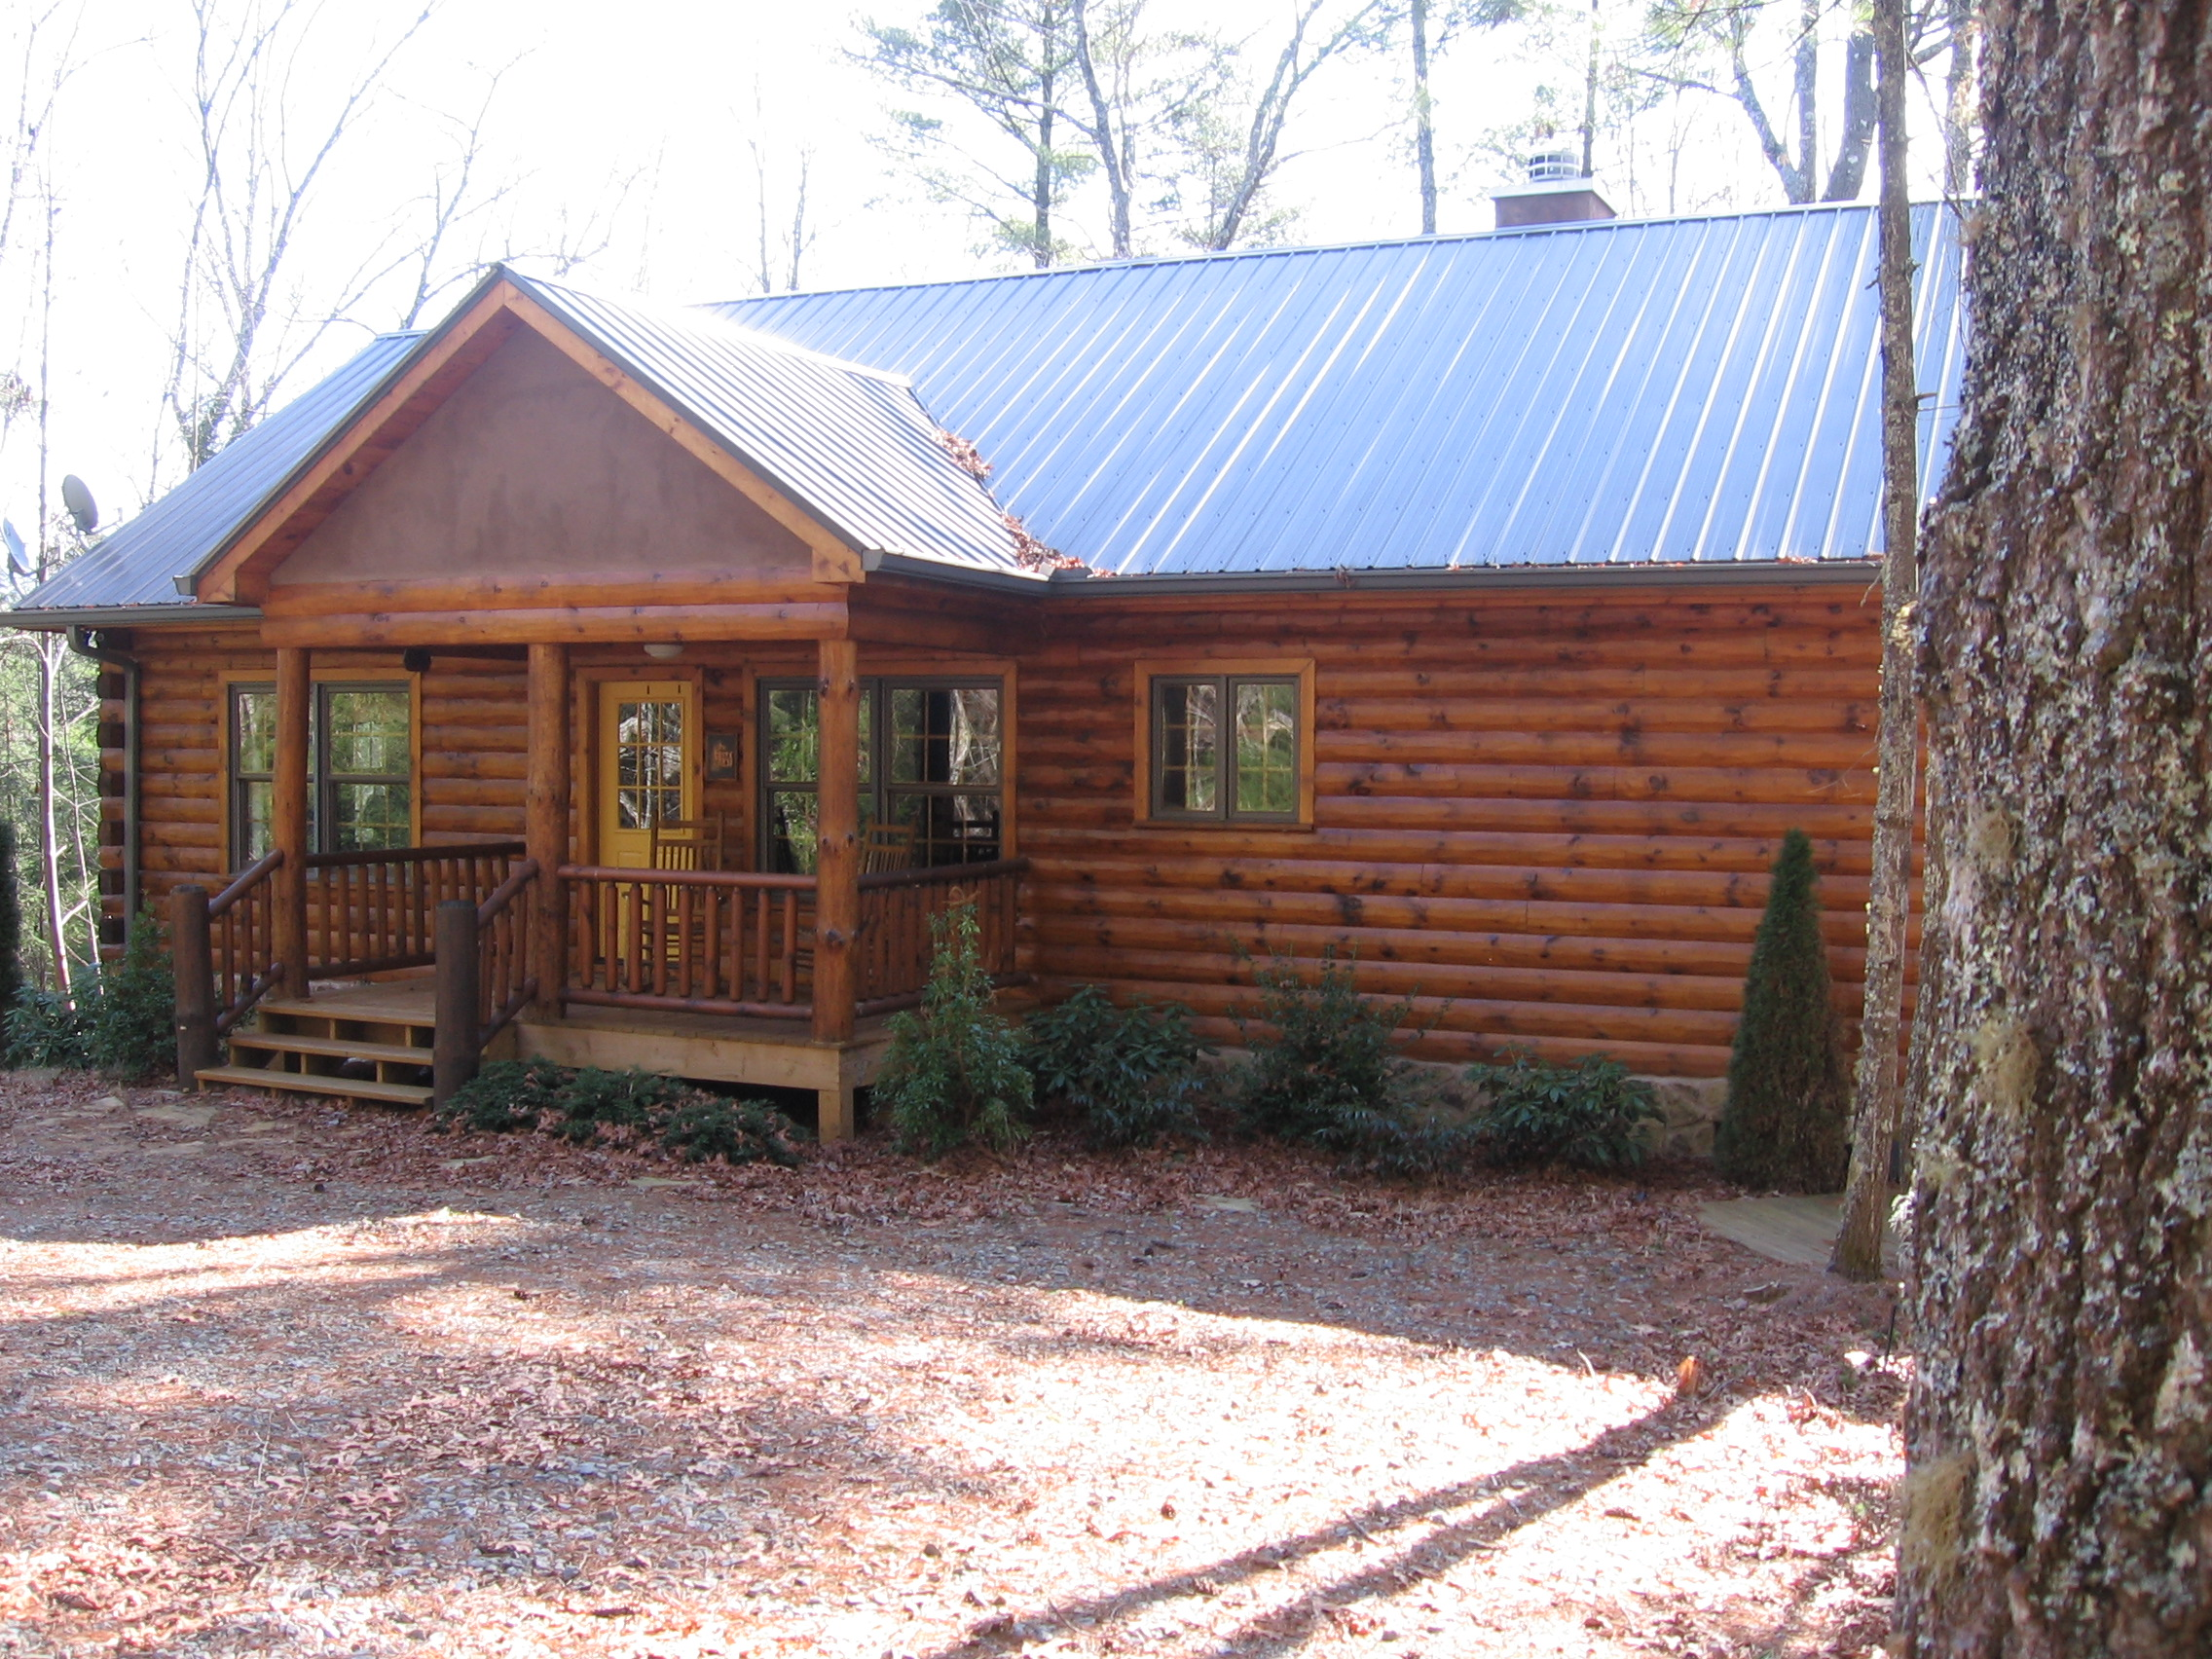 Cabin-metal roof.jpg